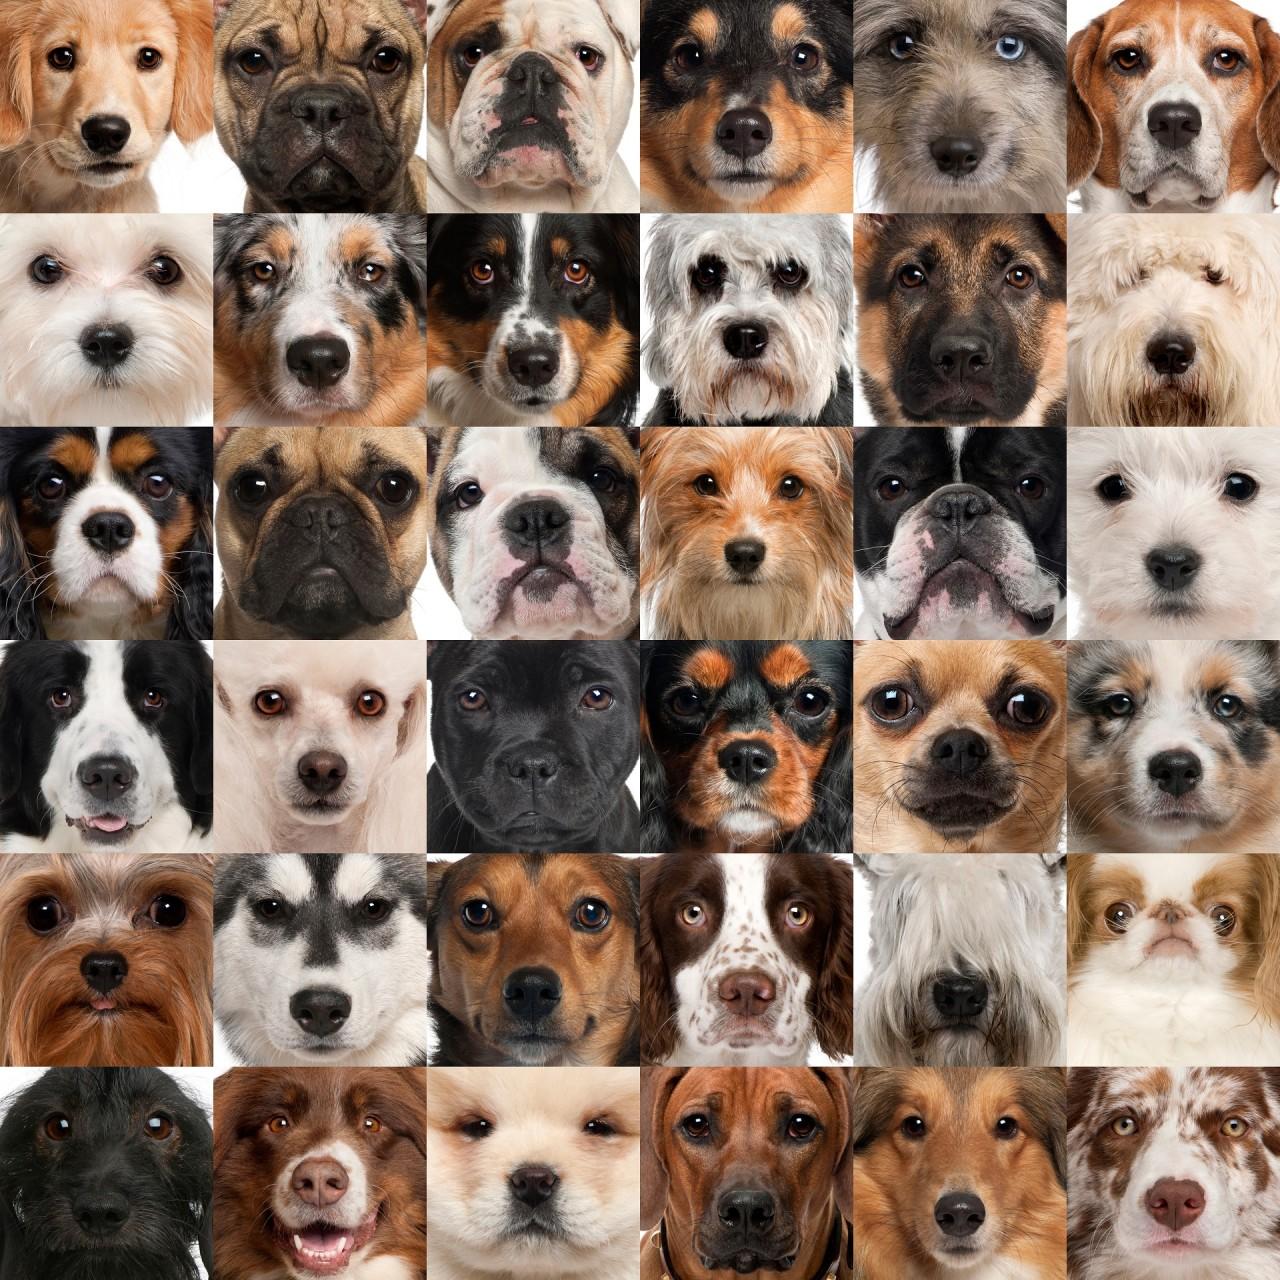 Raça com porte pequeno para apartamento,  Raças mais populares de cães para apartamento, Raças de cães pequenas para crianças